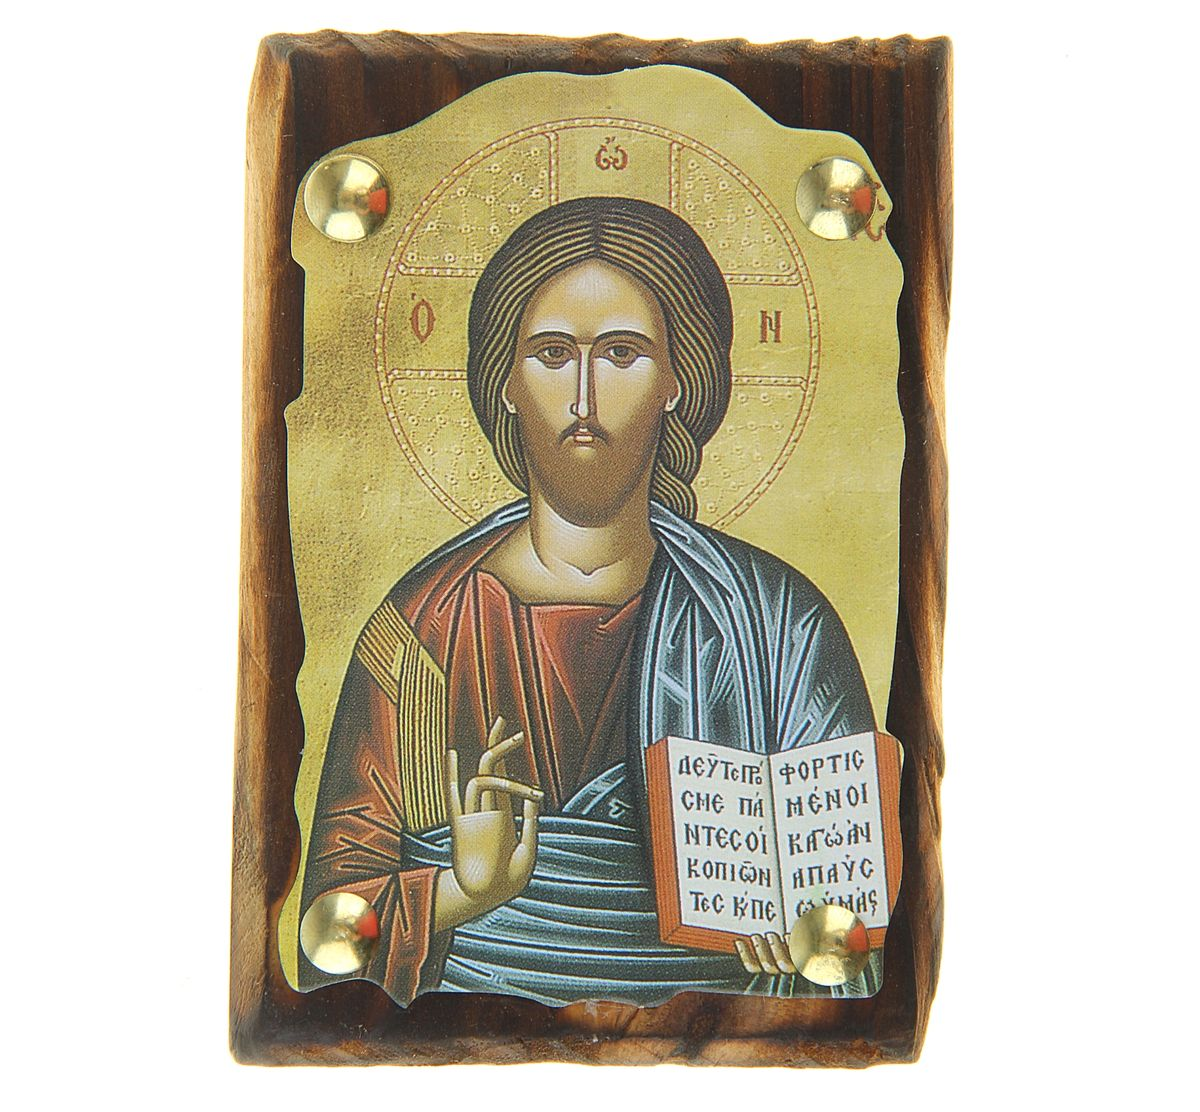 Икона Иисус Христос, 7,5 х 11 см137006Икона Иисус Христос выполнена из картона, с нанесенным изображением, который крепиться на деревянную дощечку, обработанную огнем. На обратной стороне имеется отверстие, благодаря которому икону удобно вешать на стену. Изображенный образ полностью соответствует канонам Русской Православной Церкви. Такая икона будет прекрасным подарком с духовной составляющей.